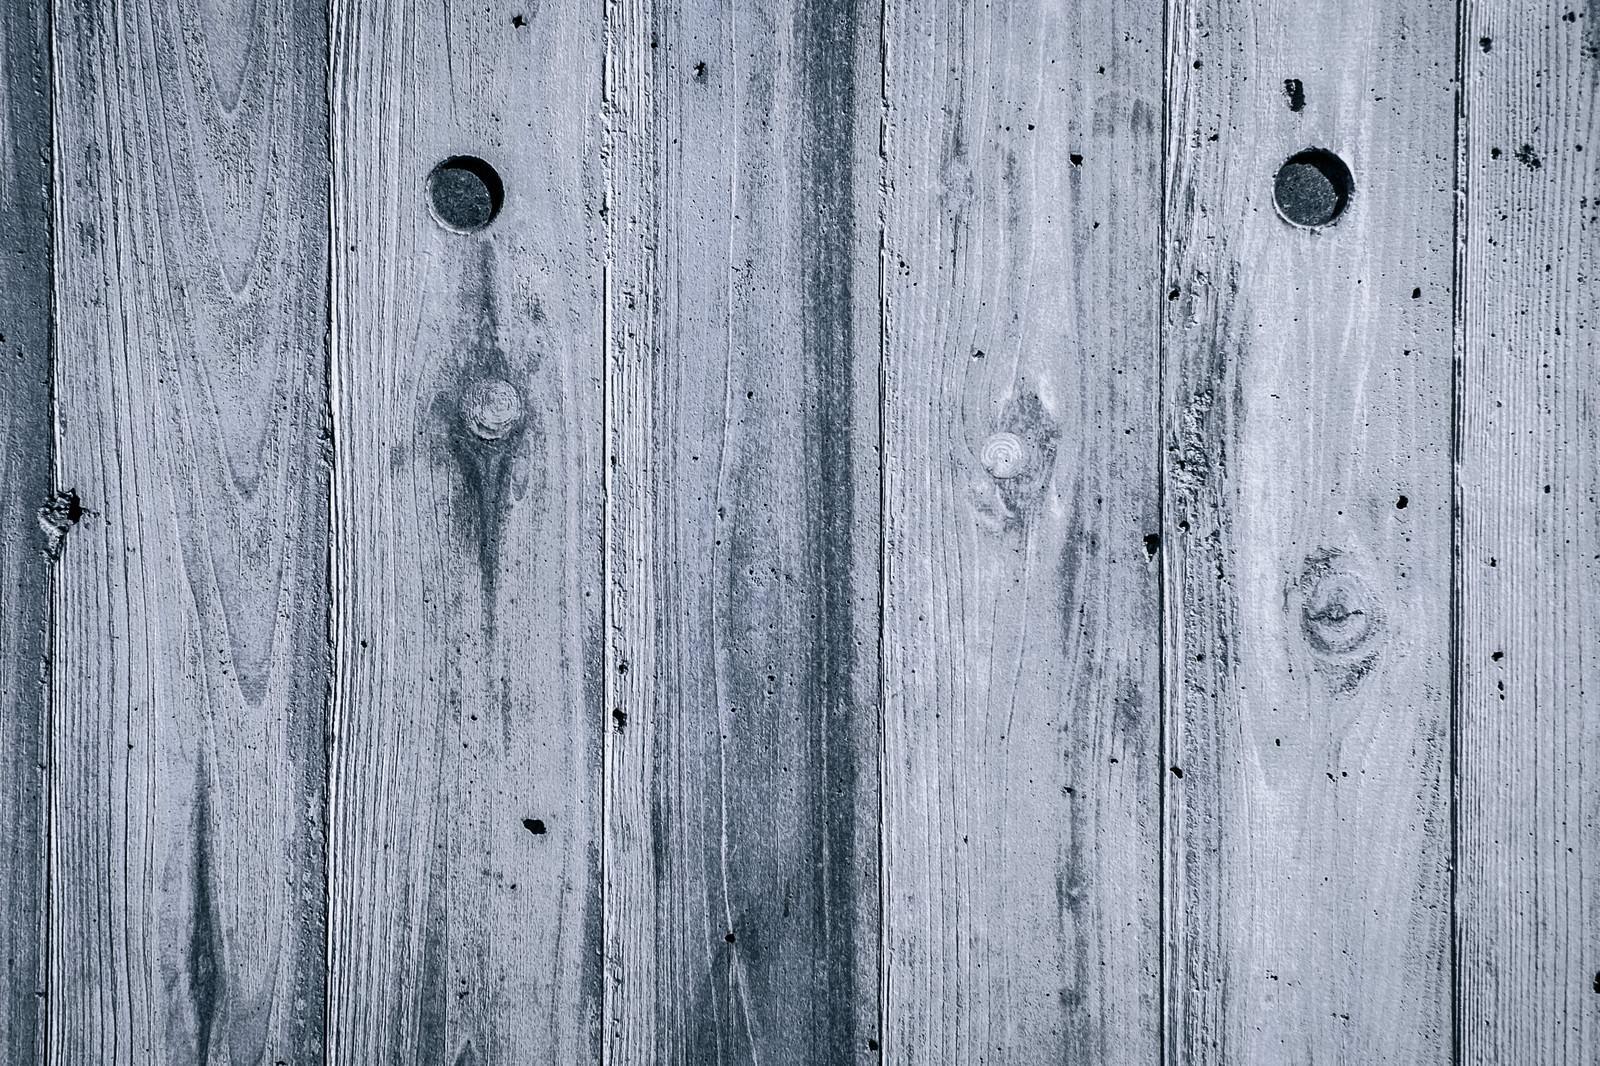 「白い木目のテクスチャー」の写真